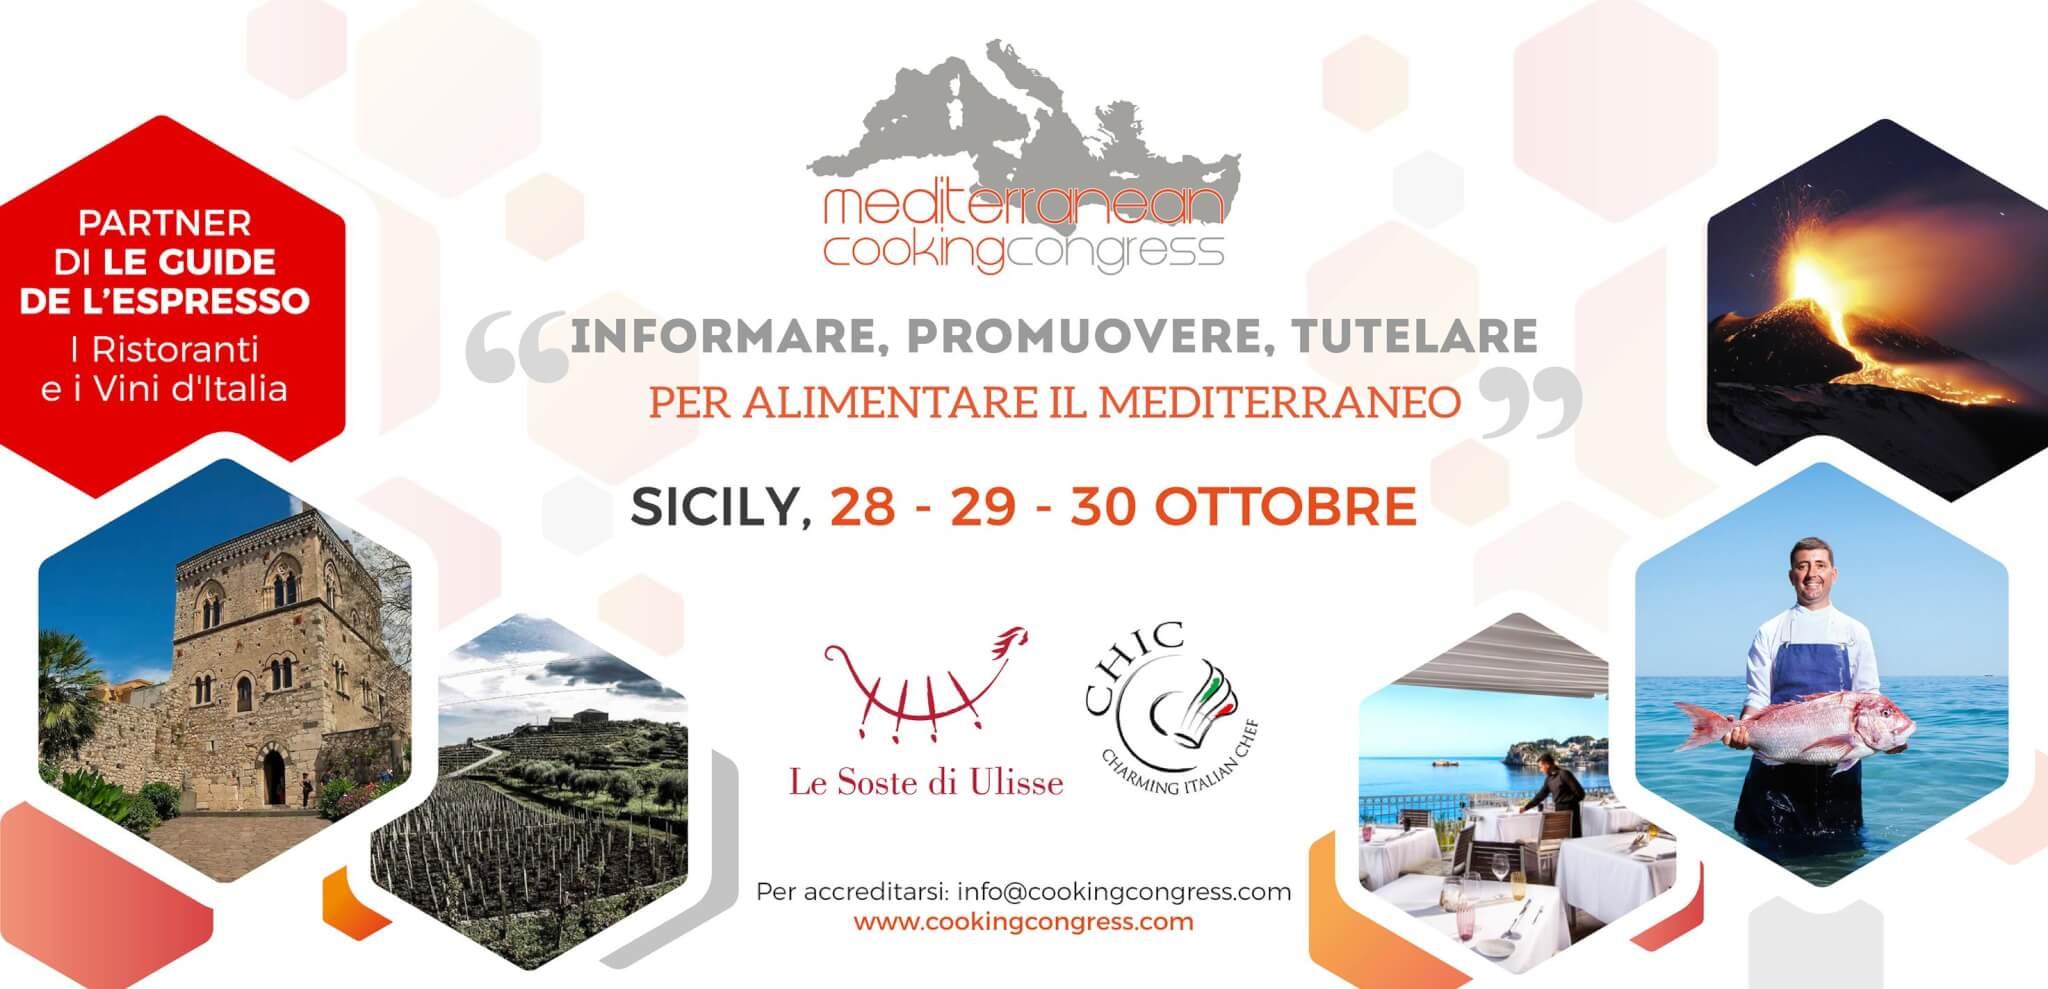 Mediterranean Cooking Congress, dal 28 al 30 ottobre a Taormina